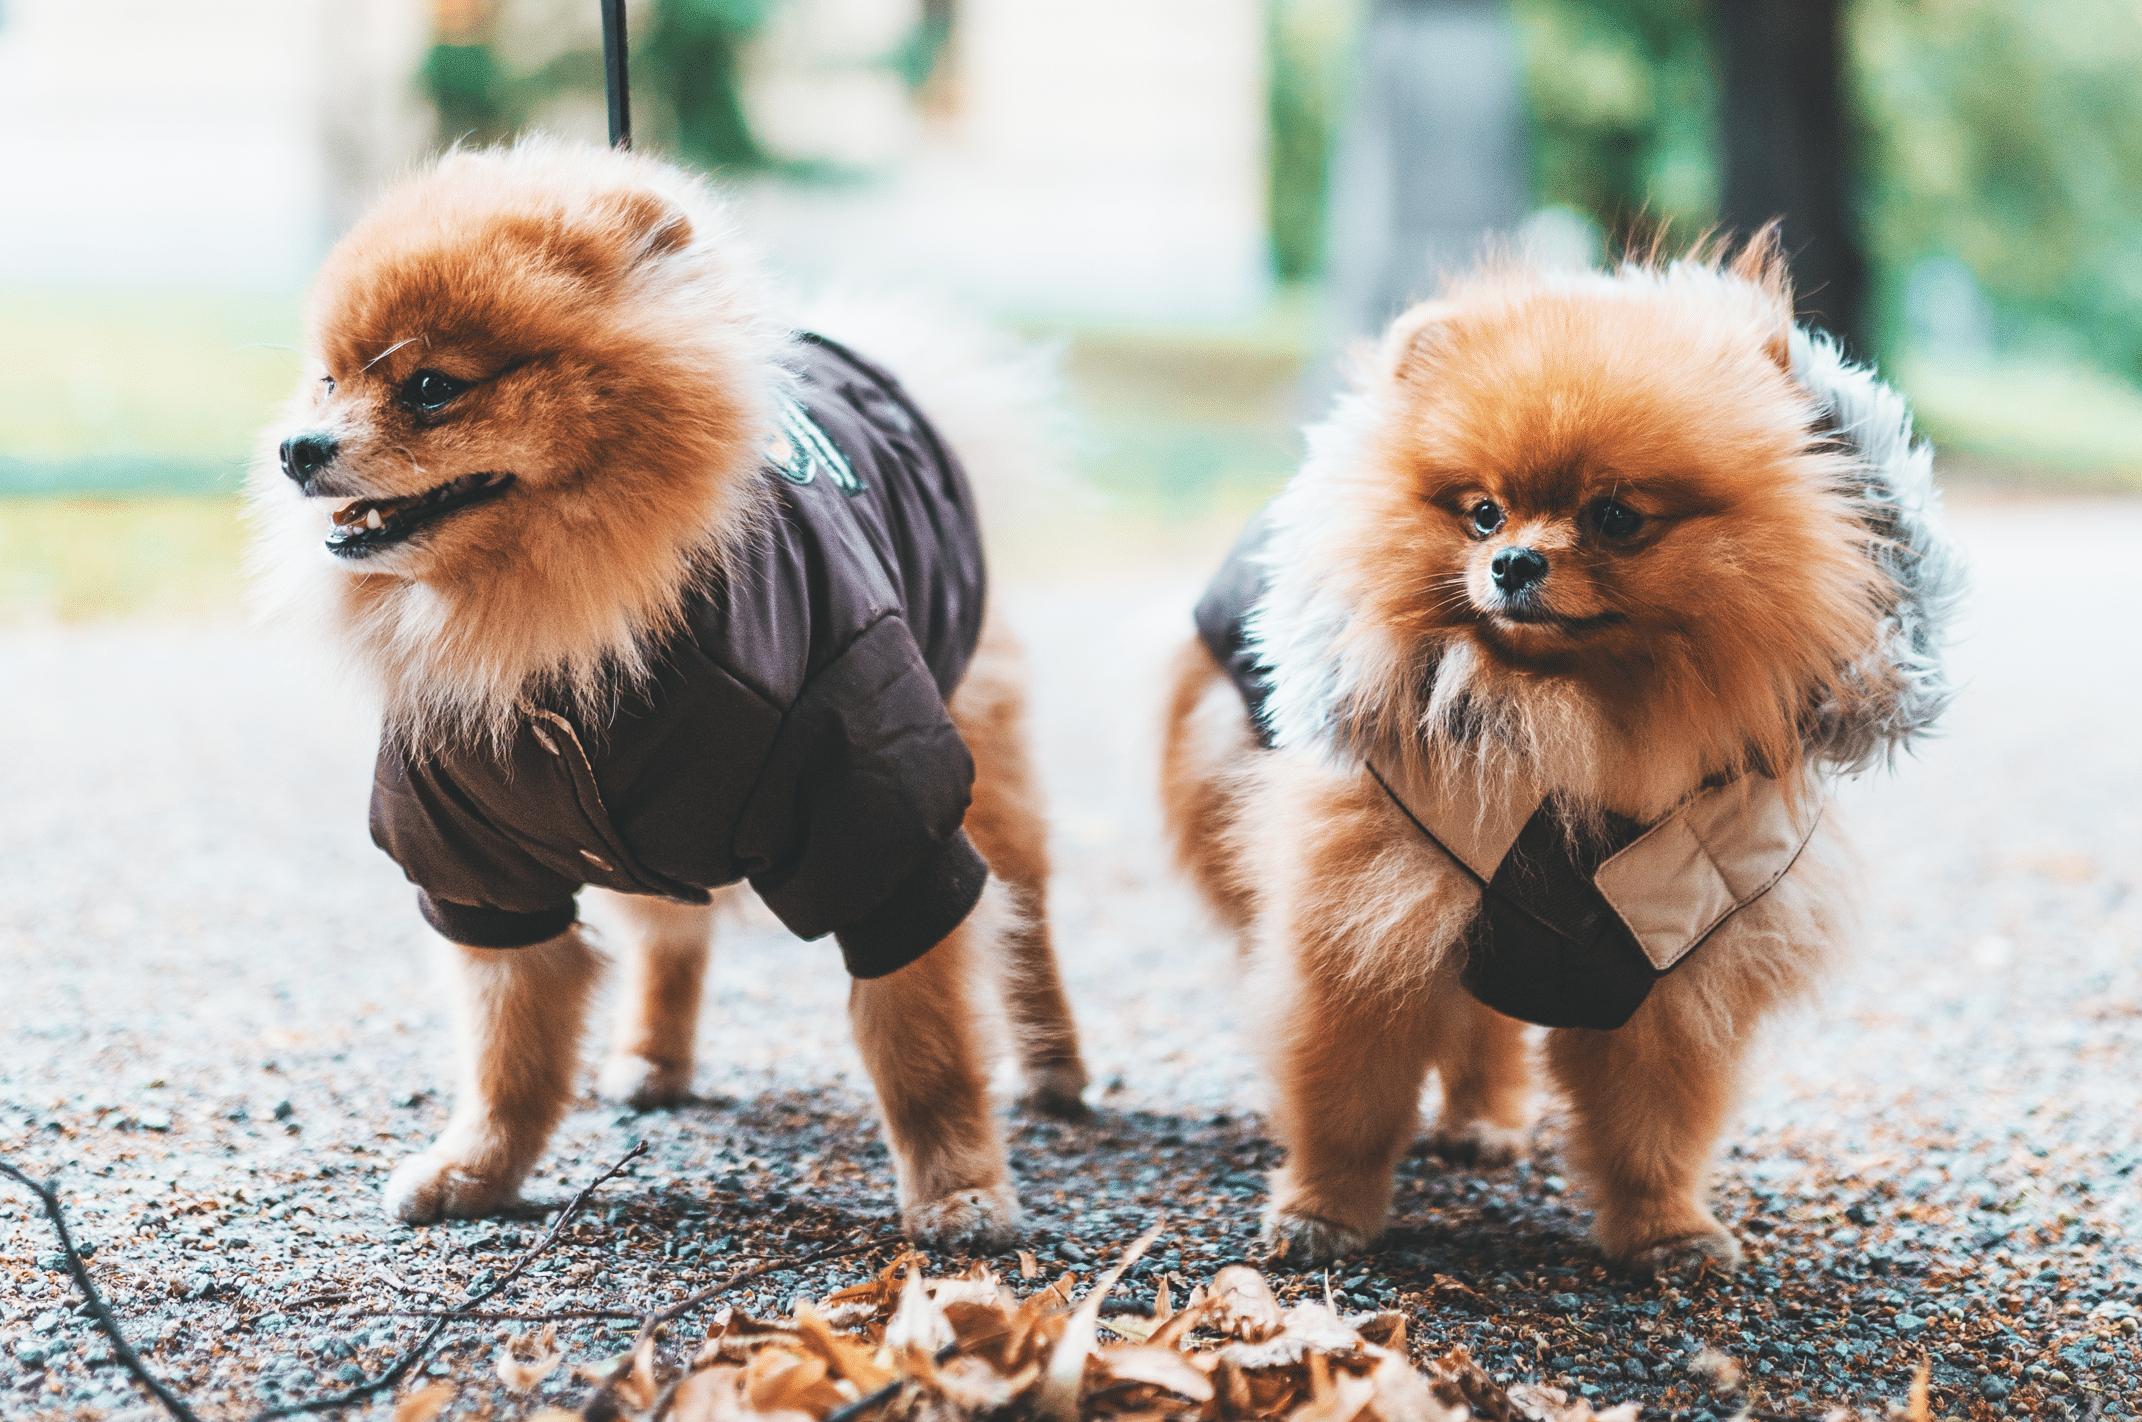 10 bästa parkerna för hundar i Stockholm